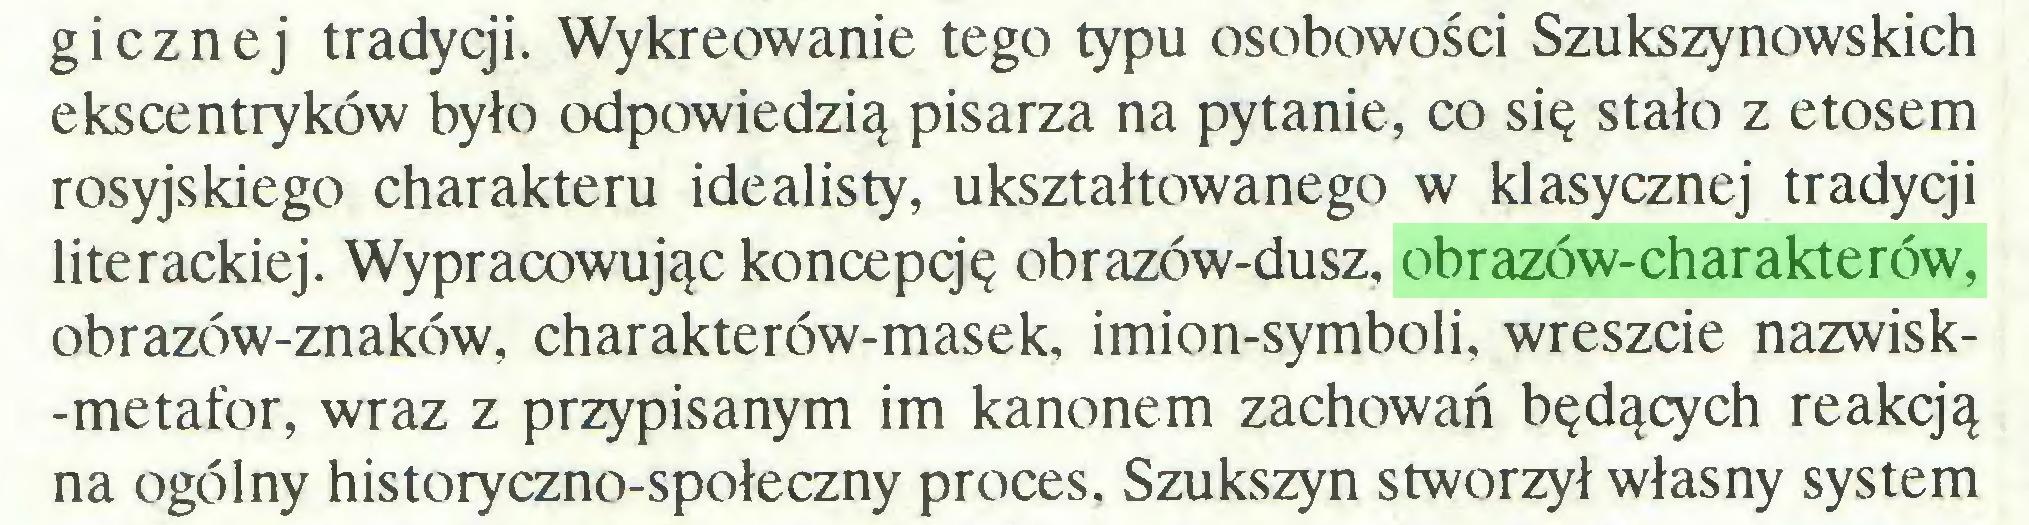 (...) gicznej tradycji. Wykreowanie tego typu osobowości Szukszynowskich ekscentryków było odpowiedzią pisarza na pytanie, co się stało z etosem rosyjskiego charakteru idealisty, ukształtowanego w klasycznej tradycji literackiej. Wypracowując koncepcję obrazów-dusz, obrazów-charakterów, obrazów-znaków, charakterów-masek, imion-symboli, wreszcie nazwisk-metafor, wraz z przypisanym im kanonem zachowań będących reakcją na ogólny historyczno-społeczny proces. Szukszyn stworzył własny system...